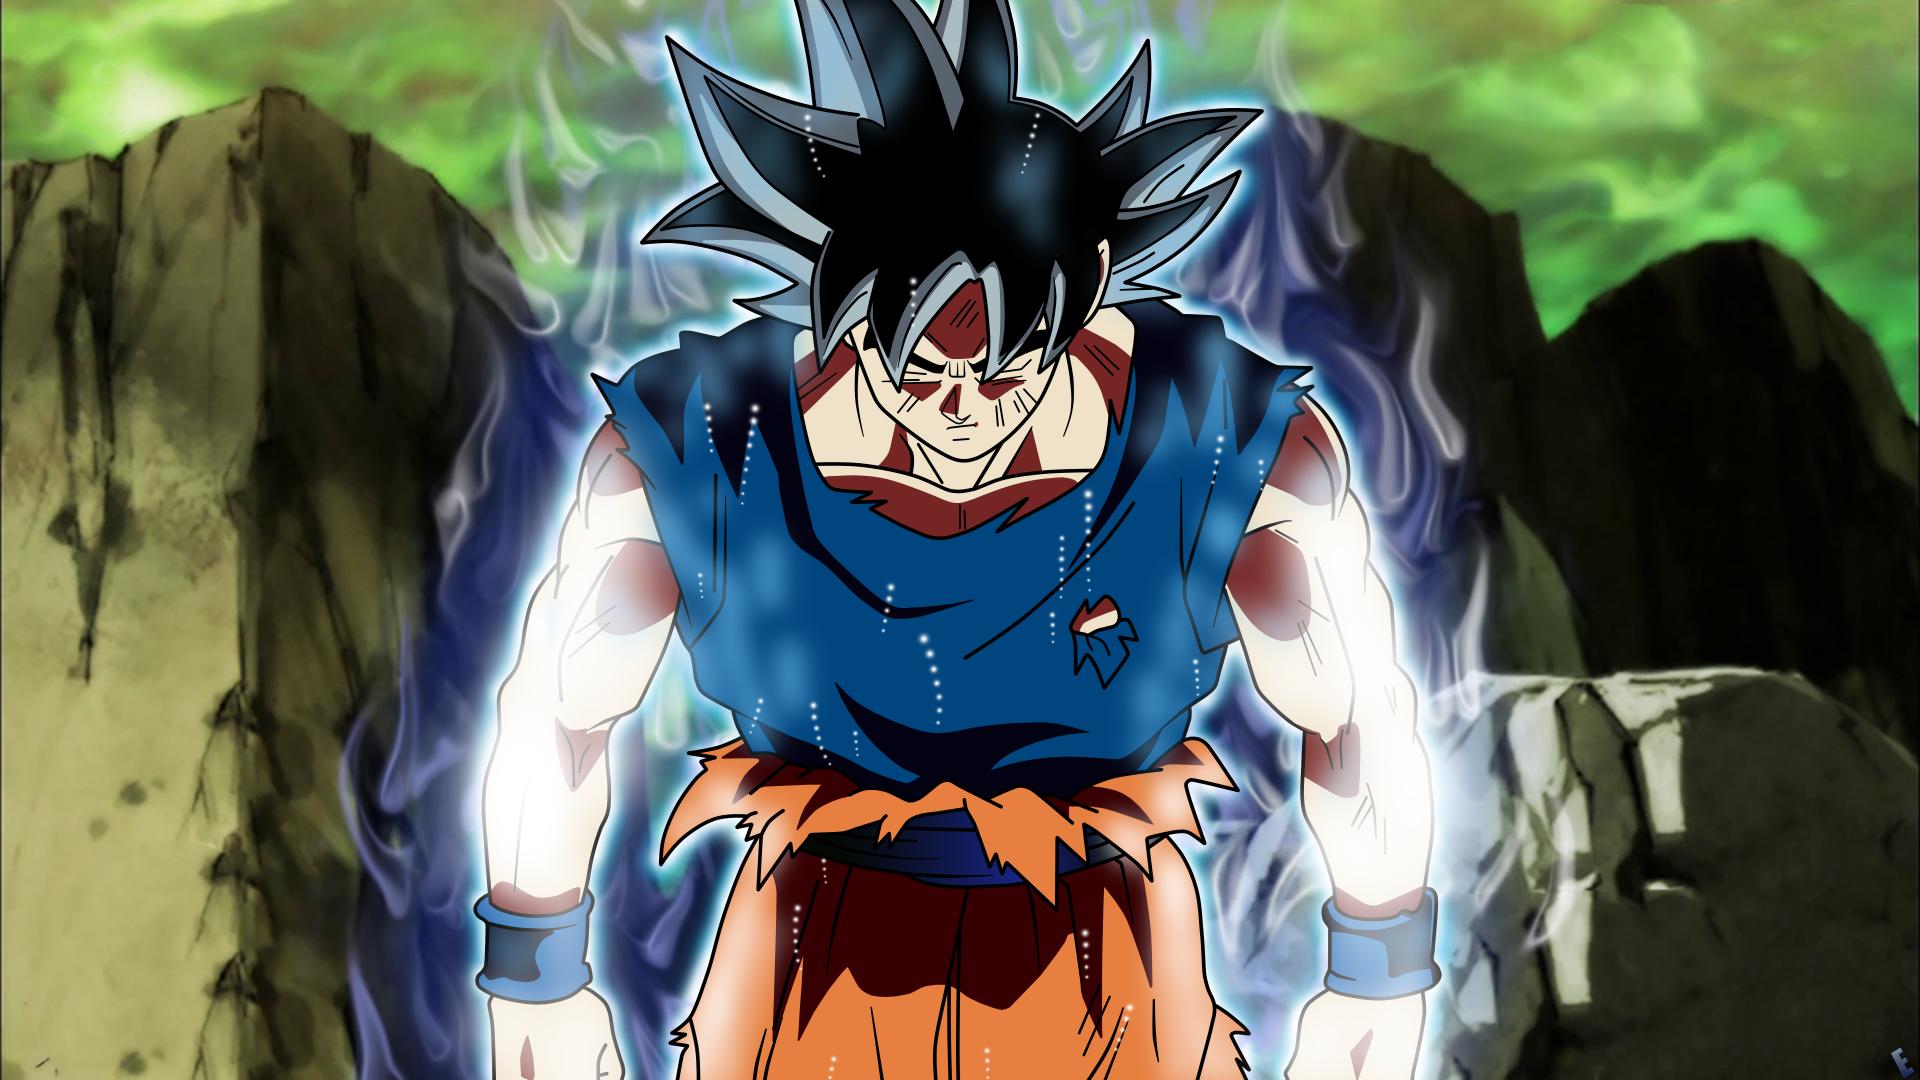 Los Mejores Fondos De Pantalla De Goku Migatte No Gokui Hd: Son Goku Migatte No Gokui :D 5k Retina Ultra Fondo De